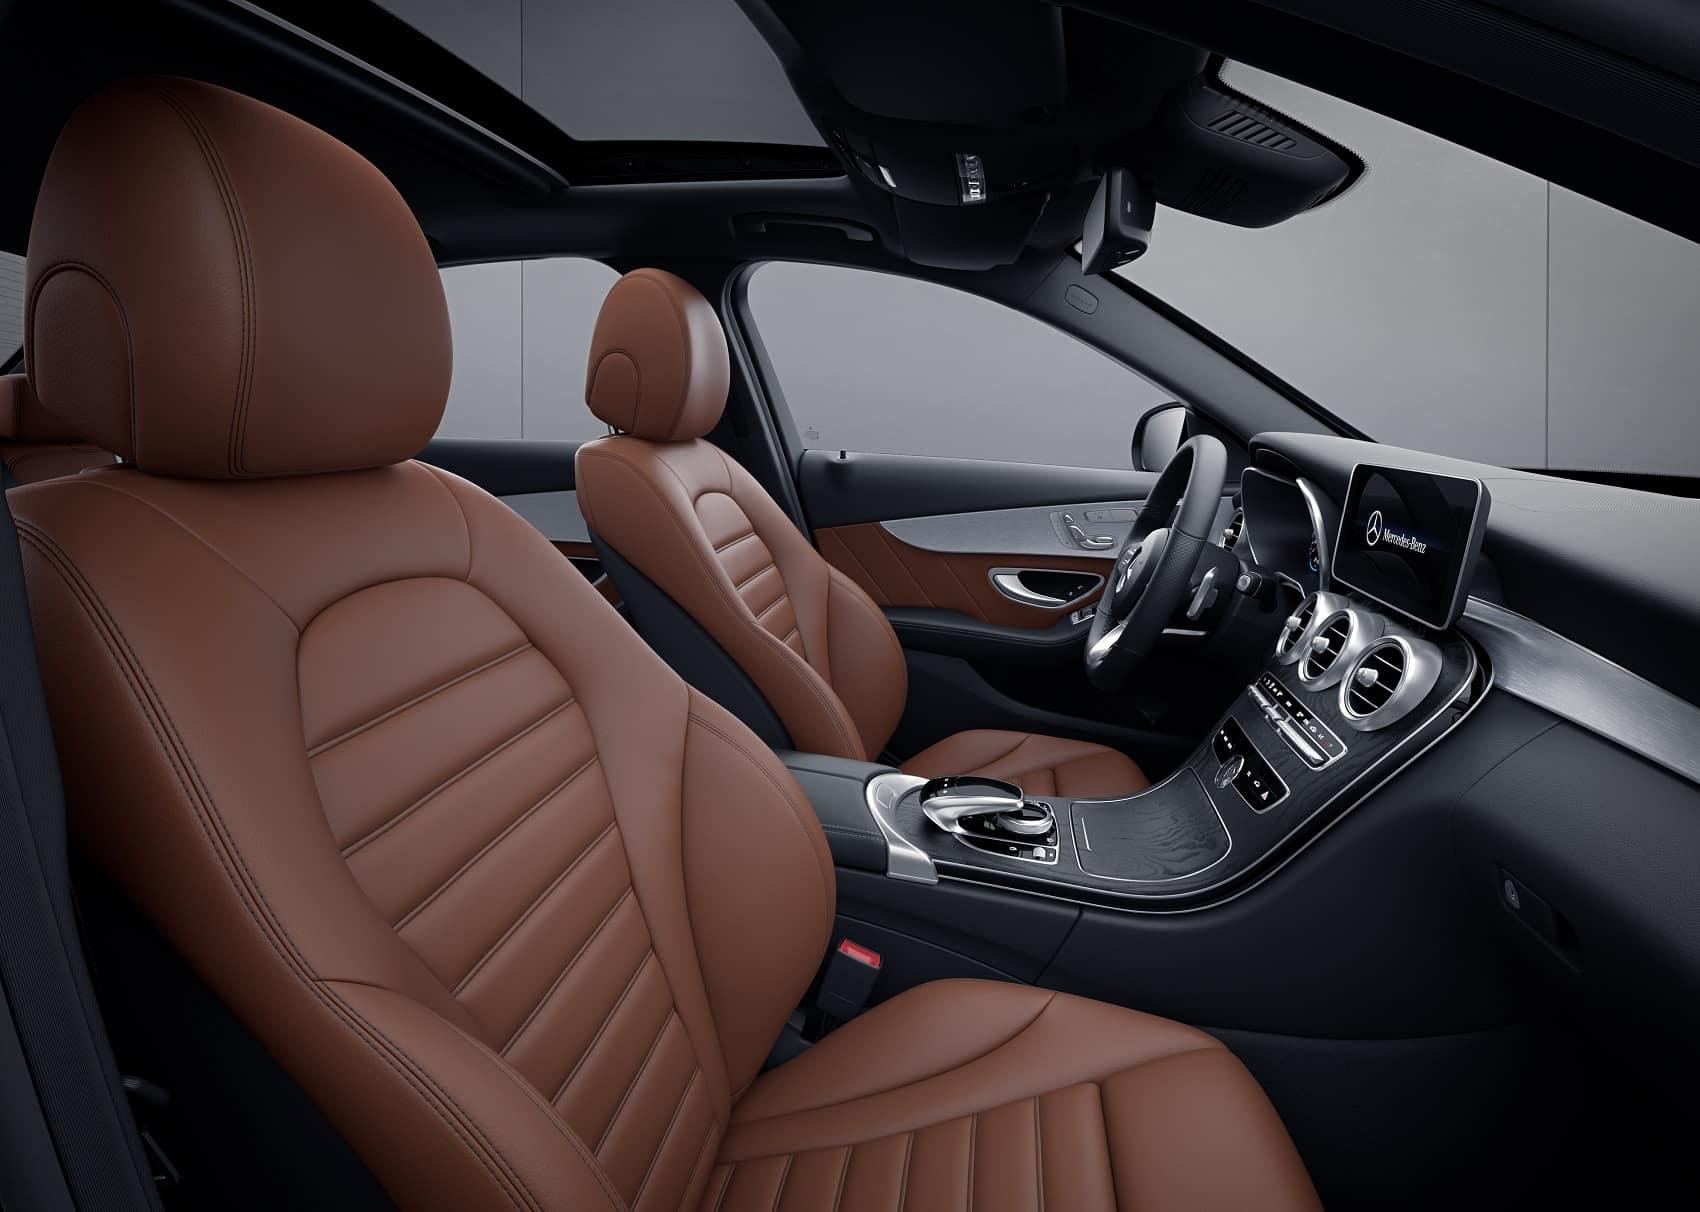 Mercedes C-Class Interior Space